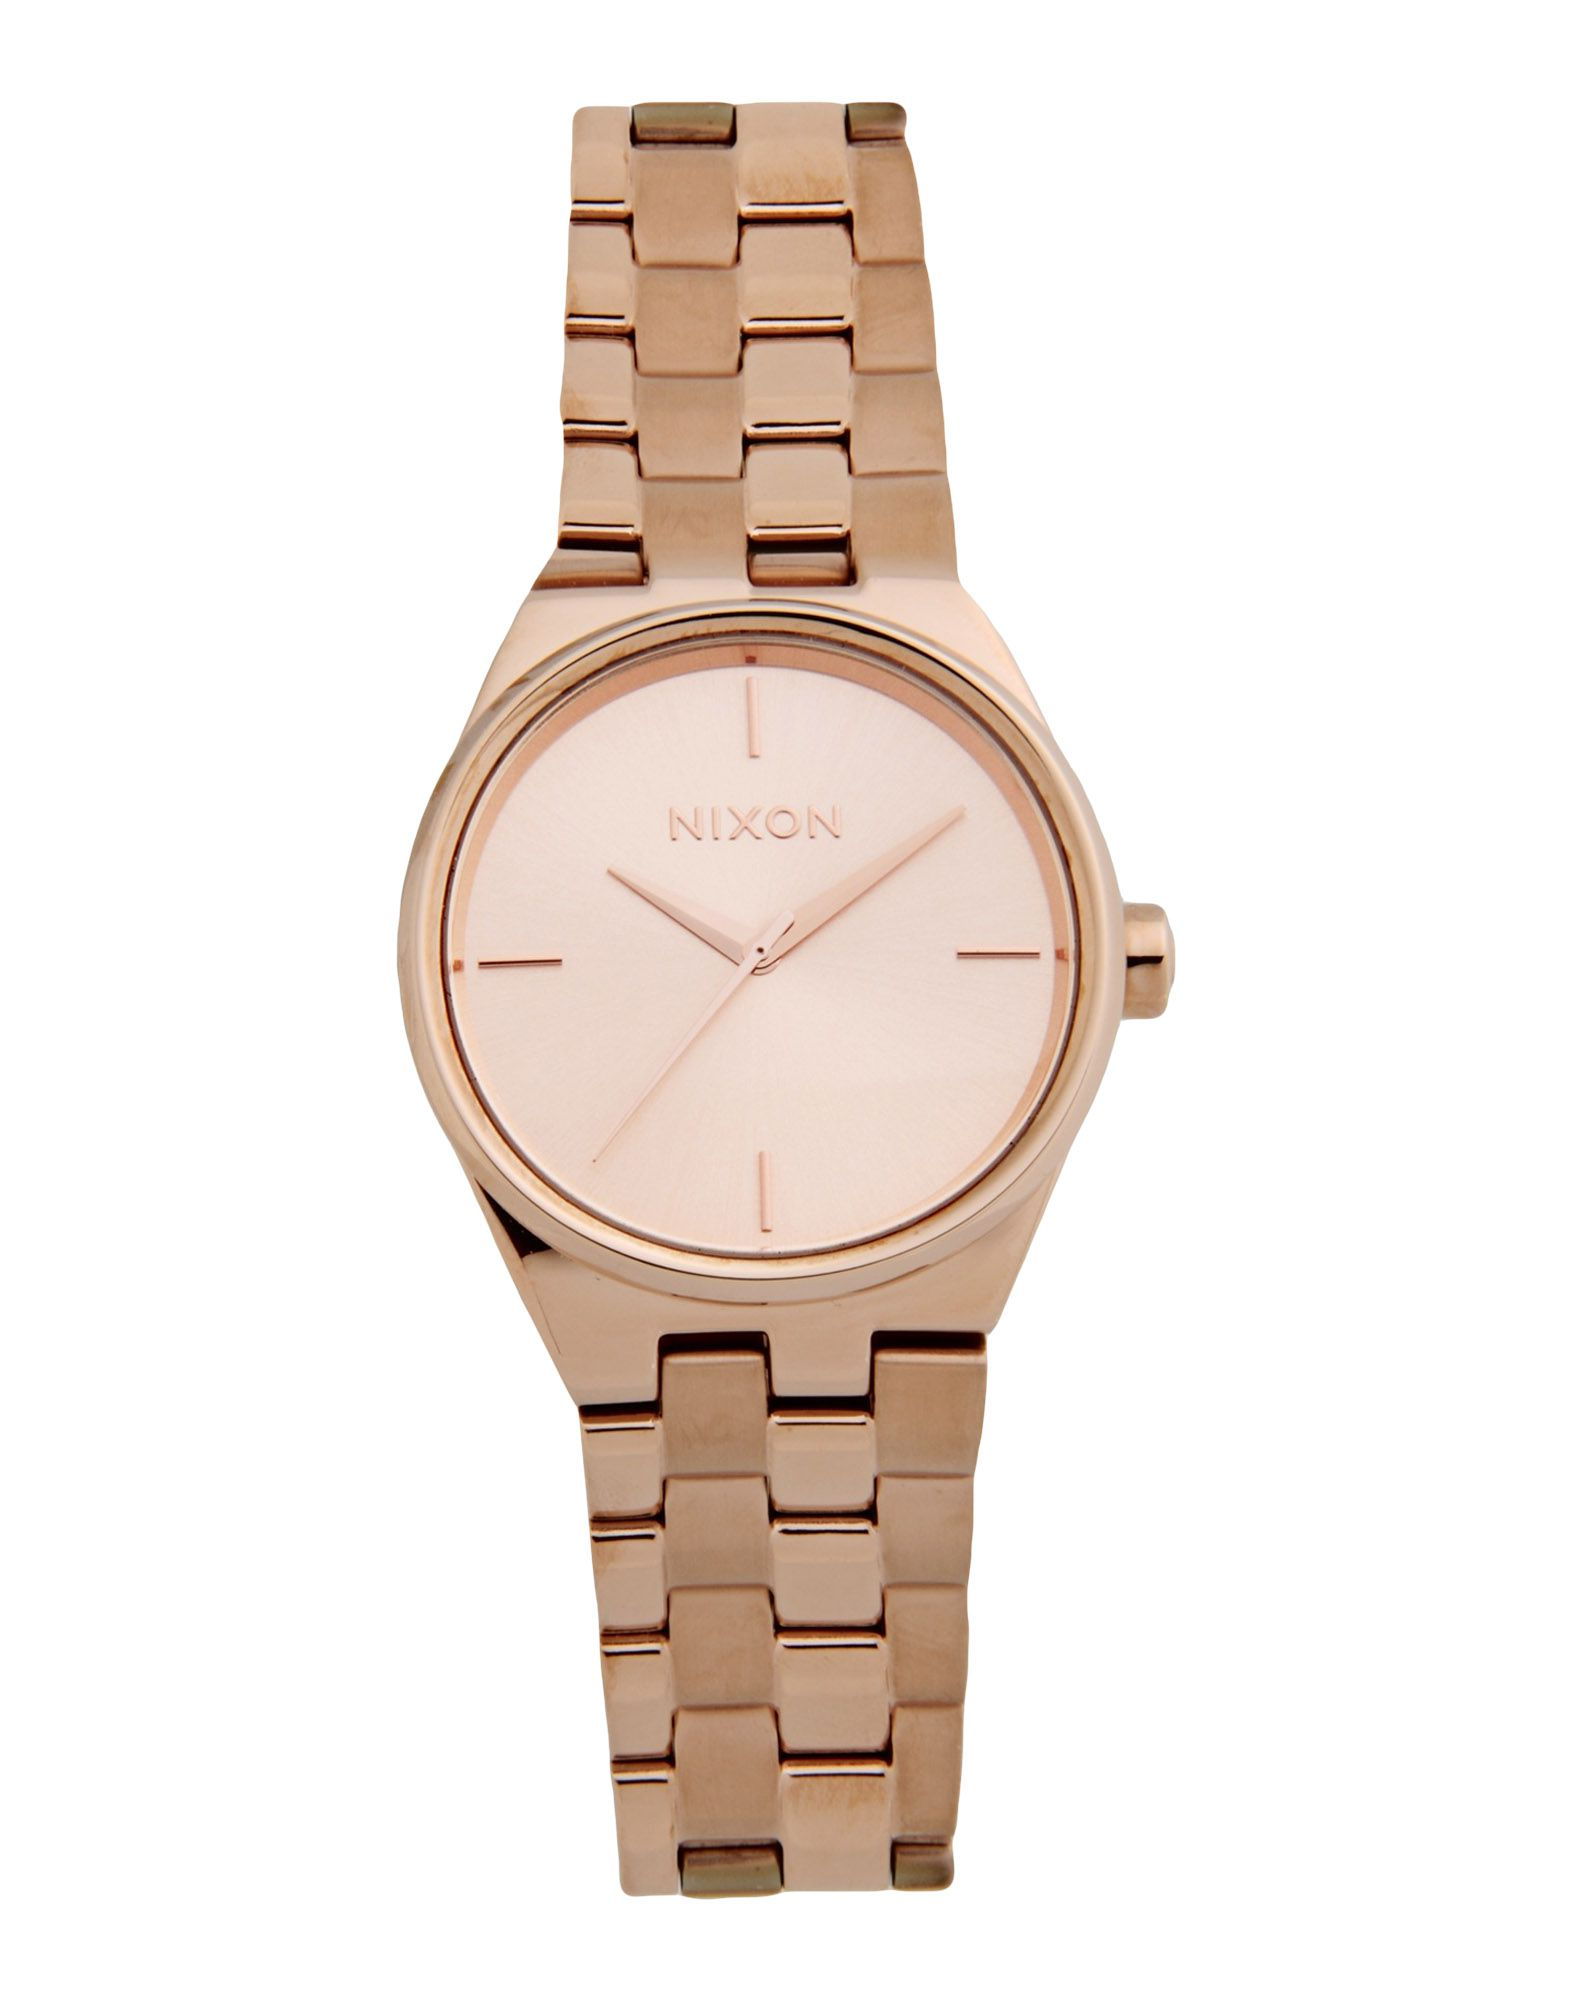 NIXON Наручные часы часы женщины роскошные часы золото стальные женские платья наручные часы relogio feminino